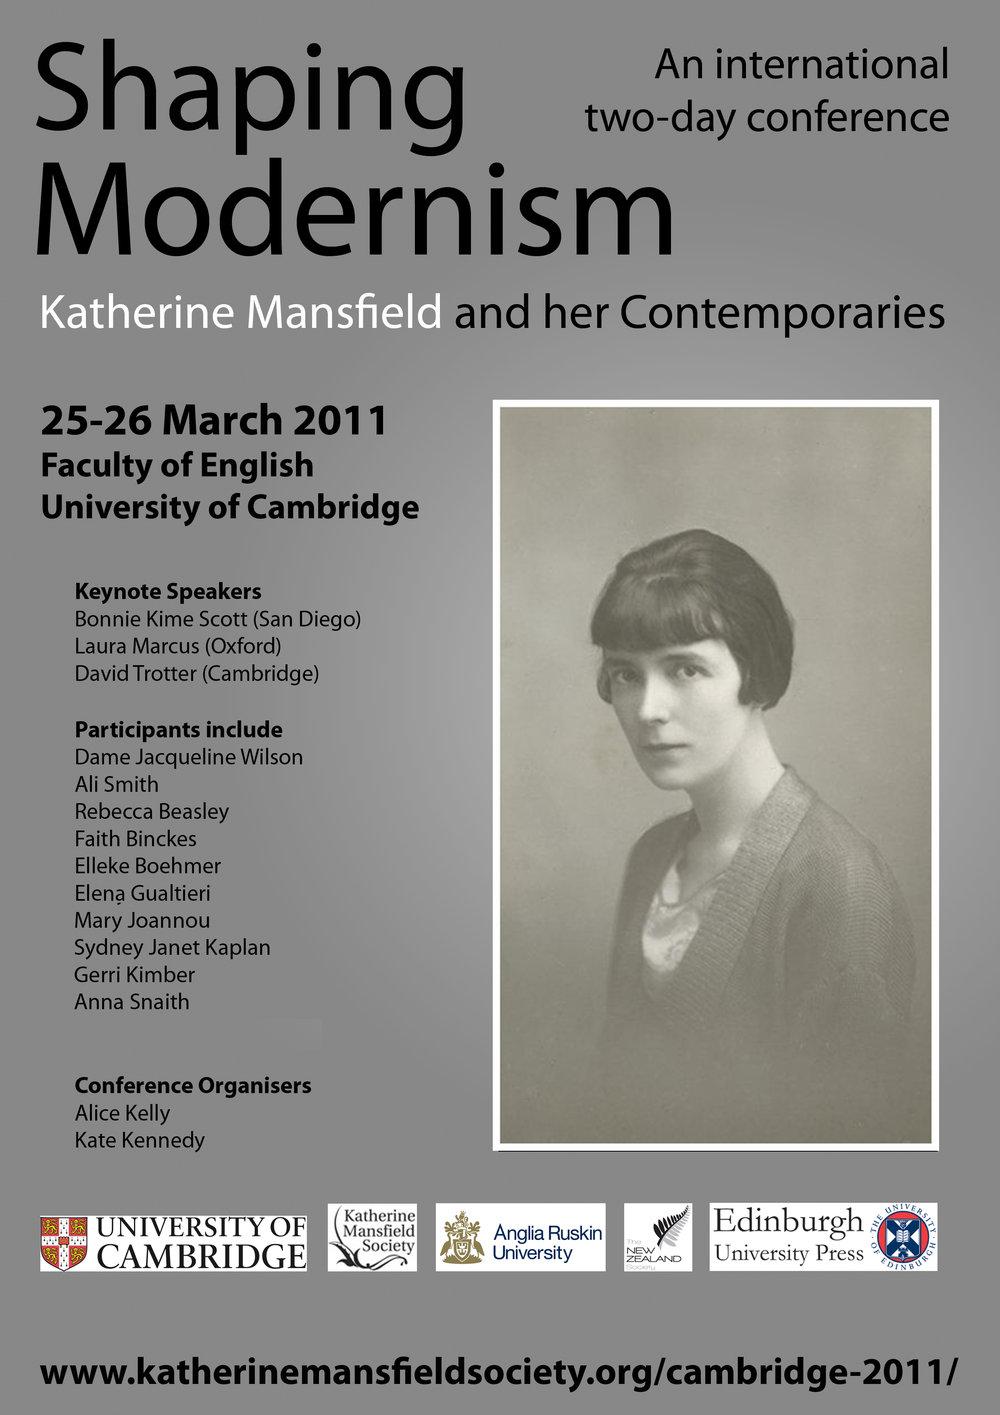 Shaping Modernism Poster.jpg